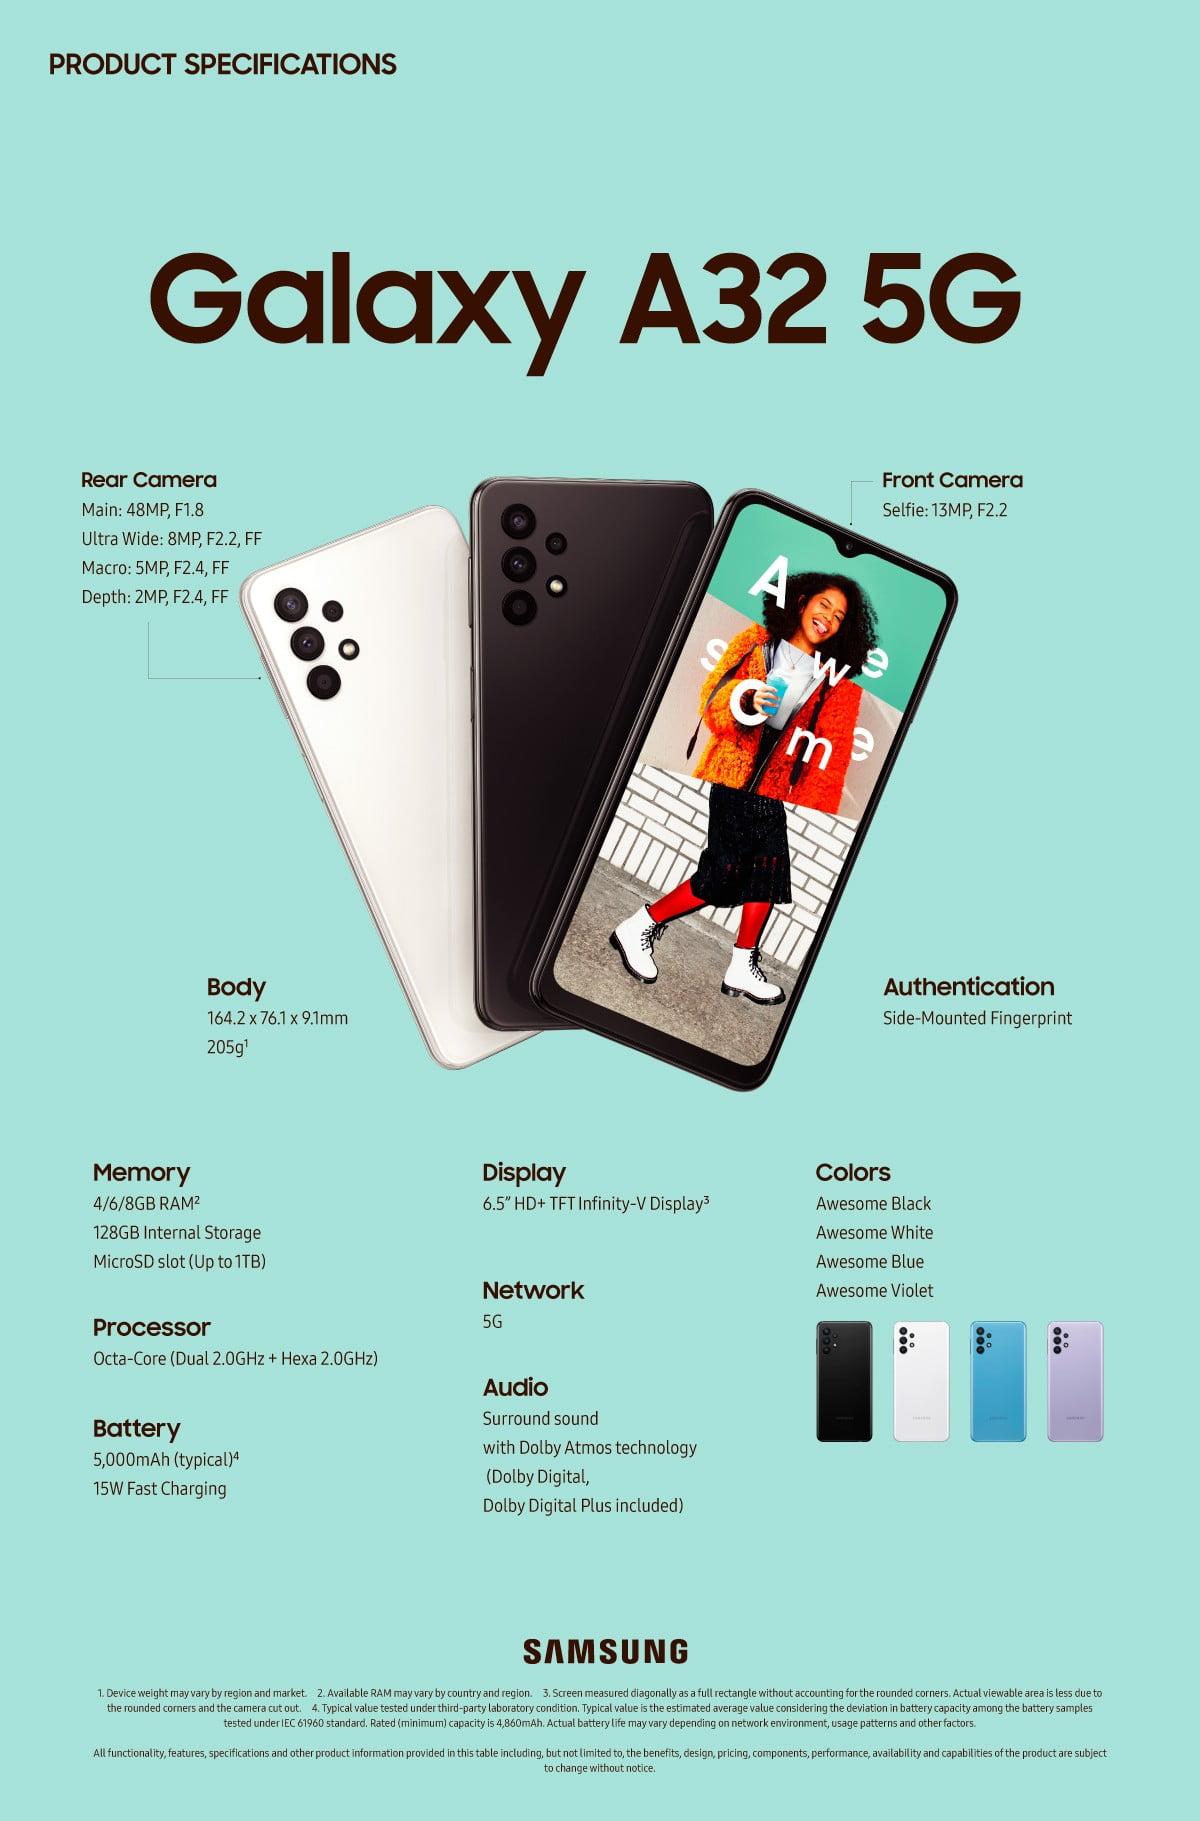 رونمایی از گوشی گلکسی A32؛ ارزانترین گوشی 5G سامسونگ